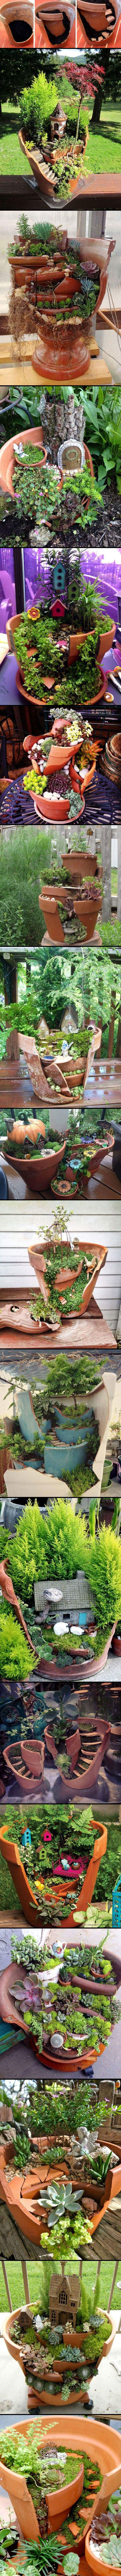 Gartenruine, Ruinenmauern, Mauer Im Garten... Herrlich Romantisch Und  Praktisch! | Cegła U003c3 | Pinterest | Gardens, Garten And Garden Ideas